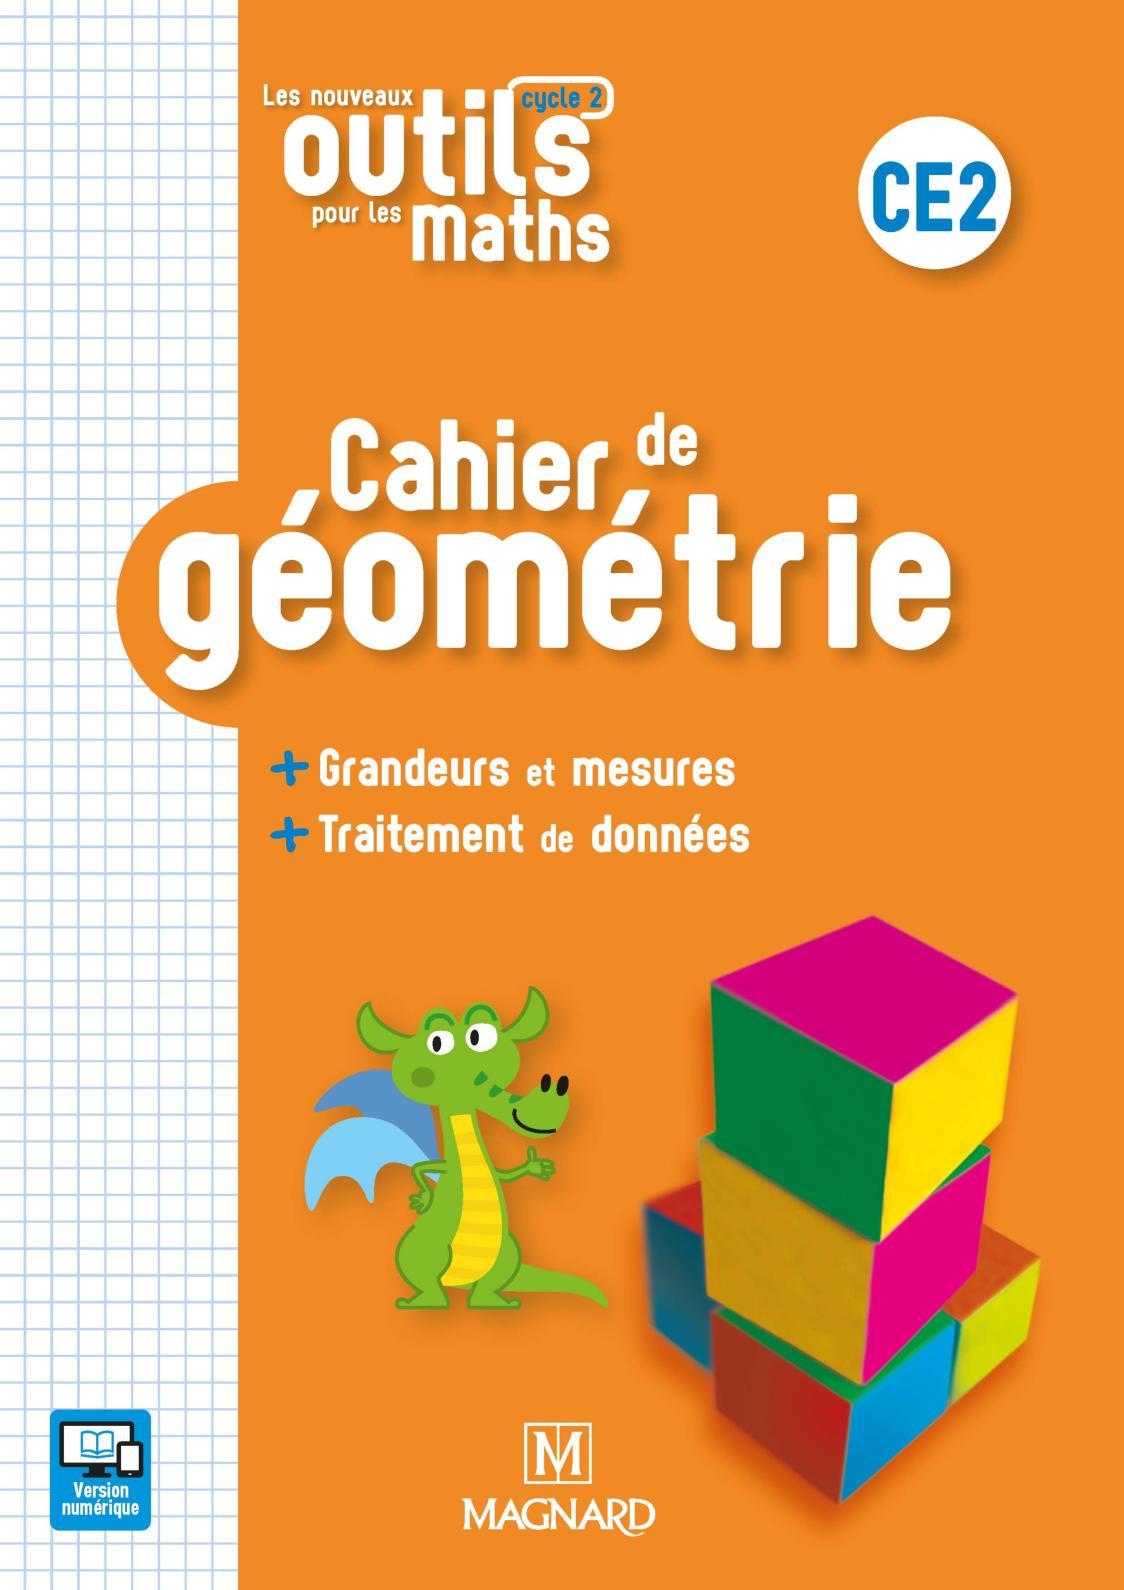 Calaméo - Extrait Cahier De Géométrie Ce2 - Les Nouveaux destiné Dessin Géométrique Ce2